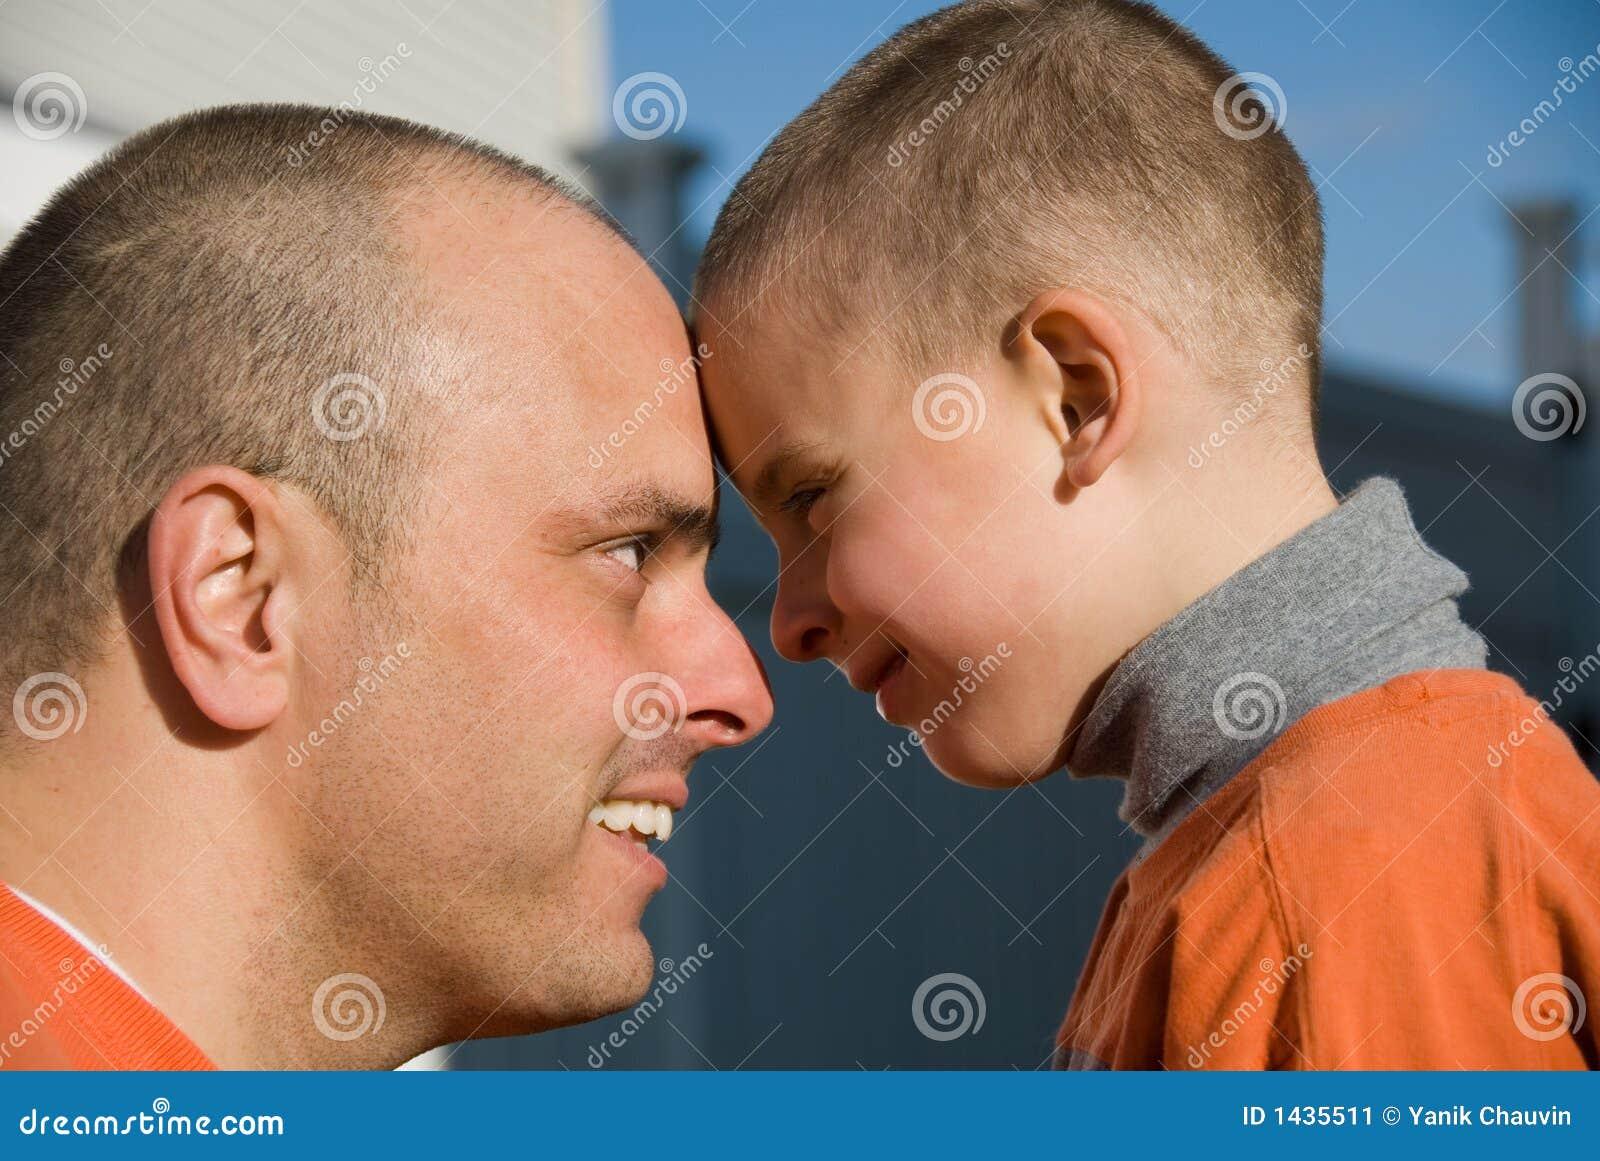 Papa et fils